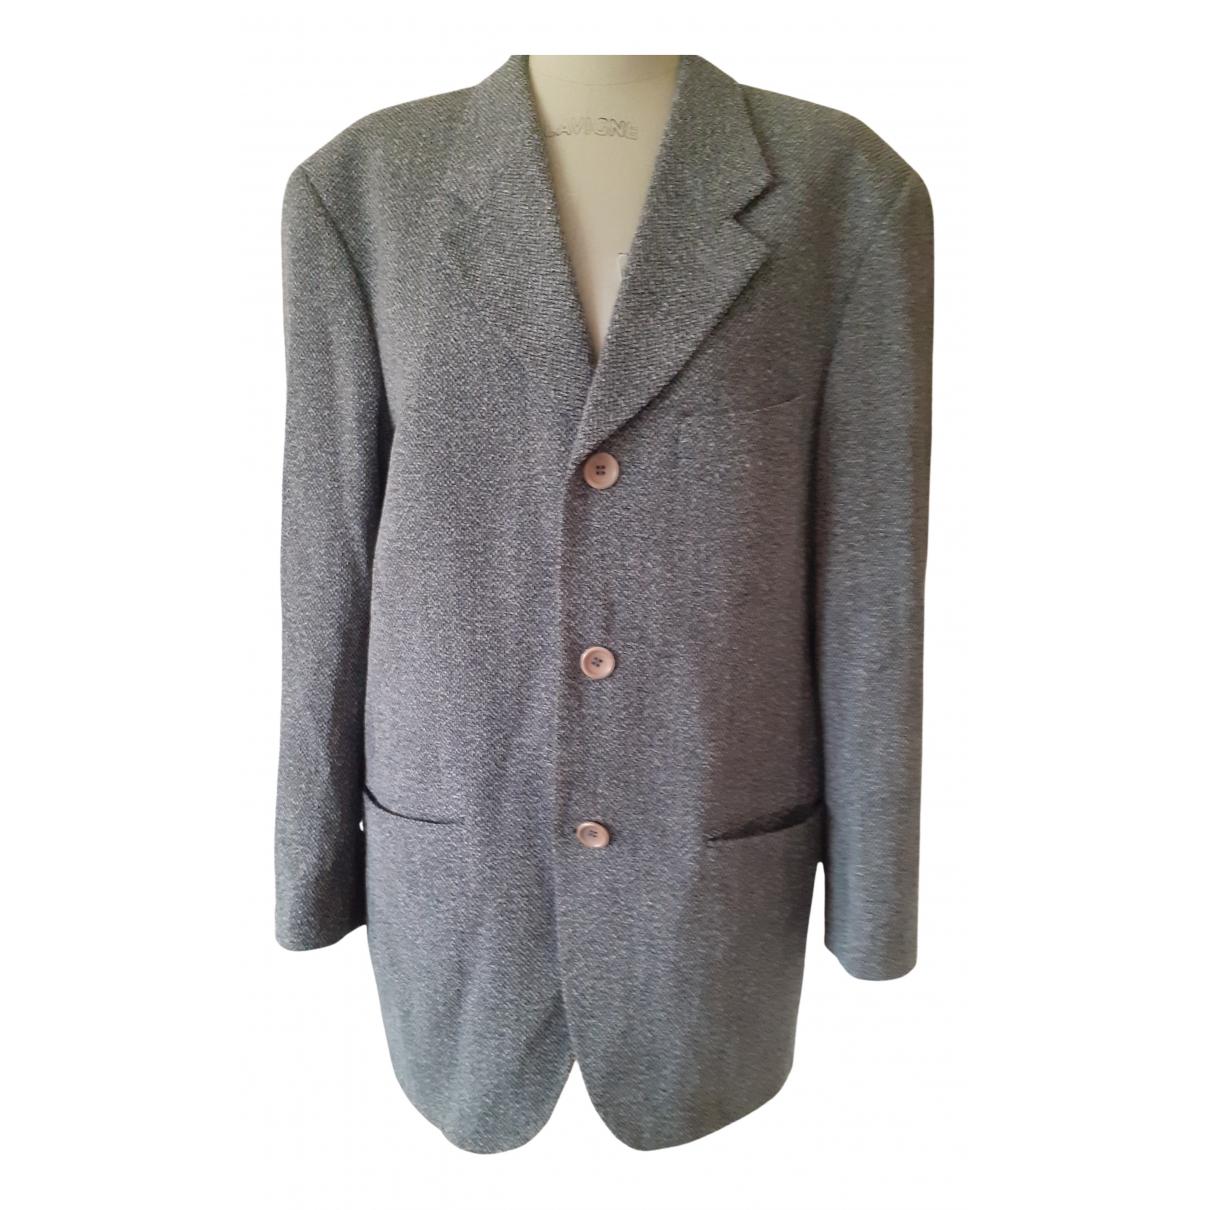 Kenzo - Vestes.Blousons   pour homme en laine - gris